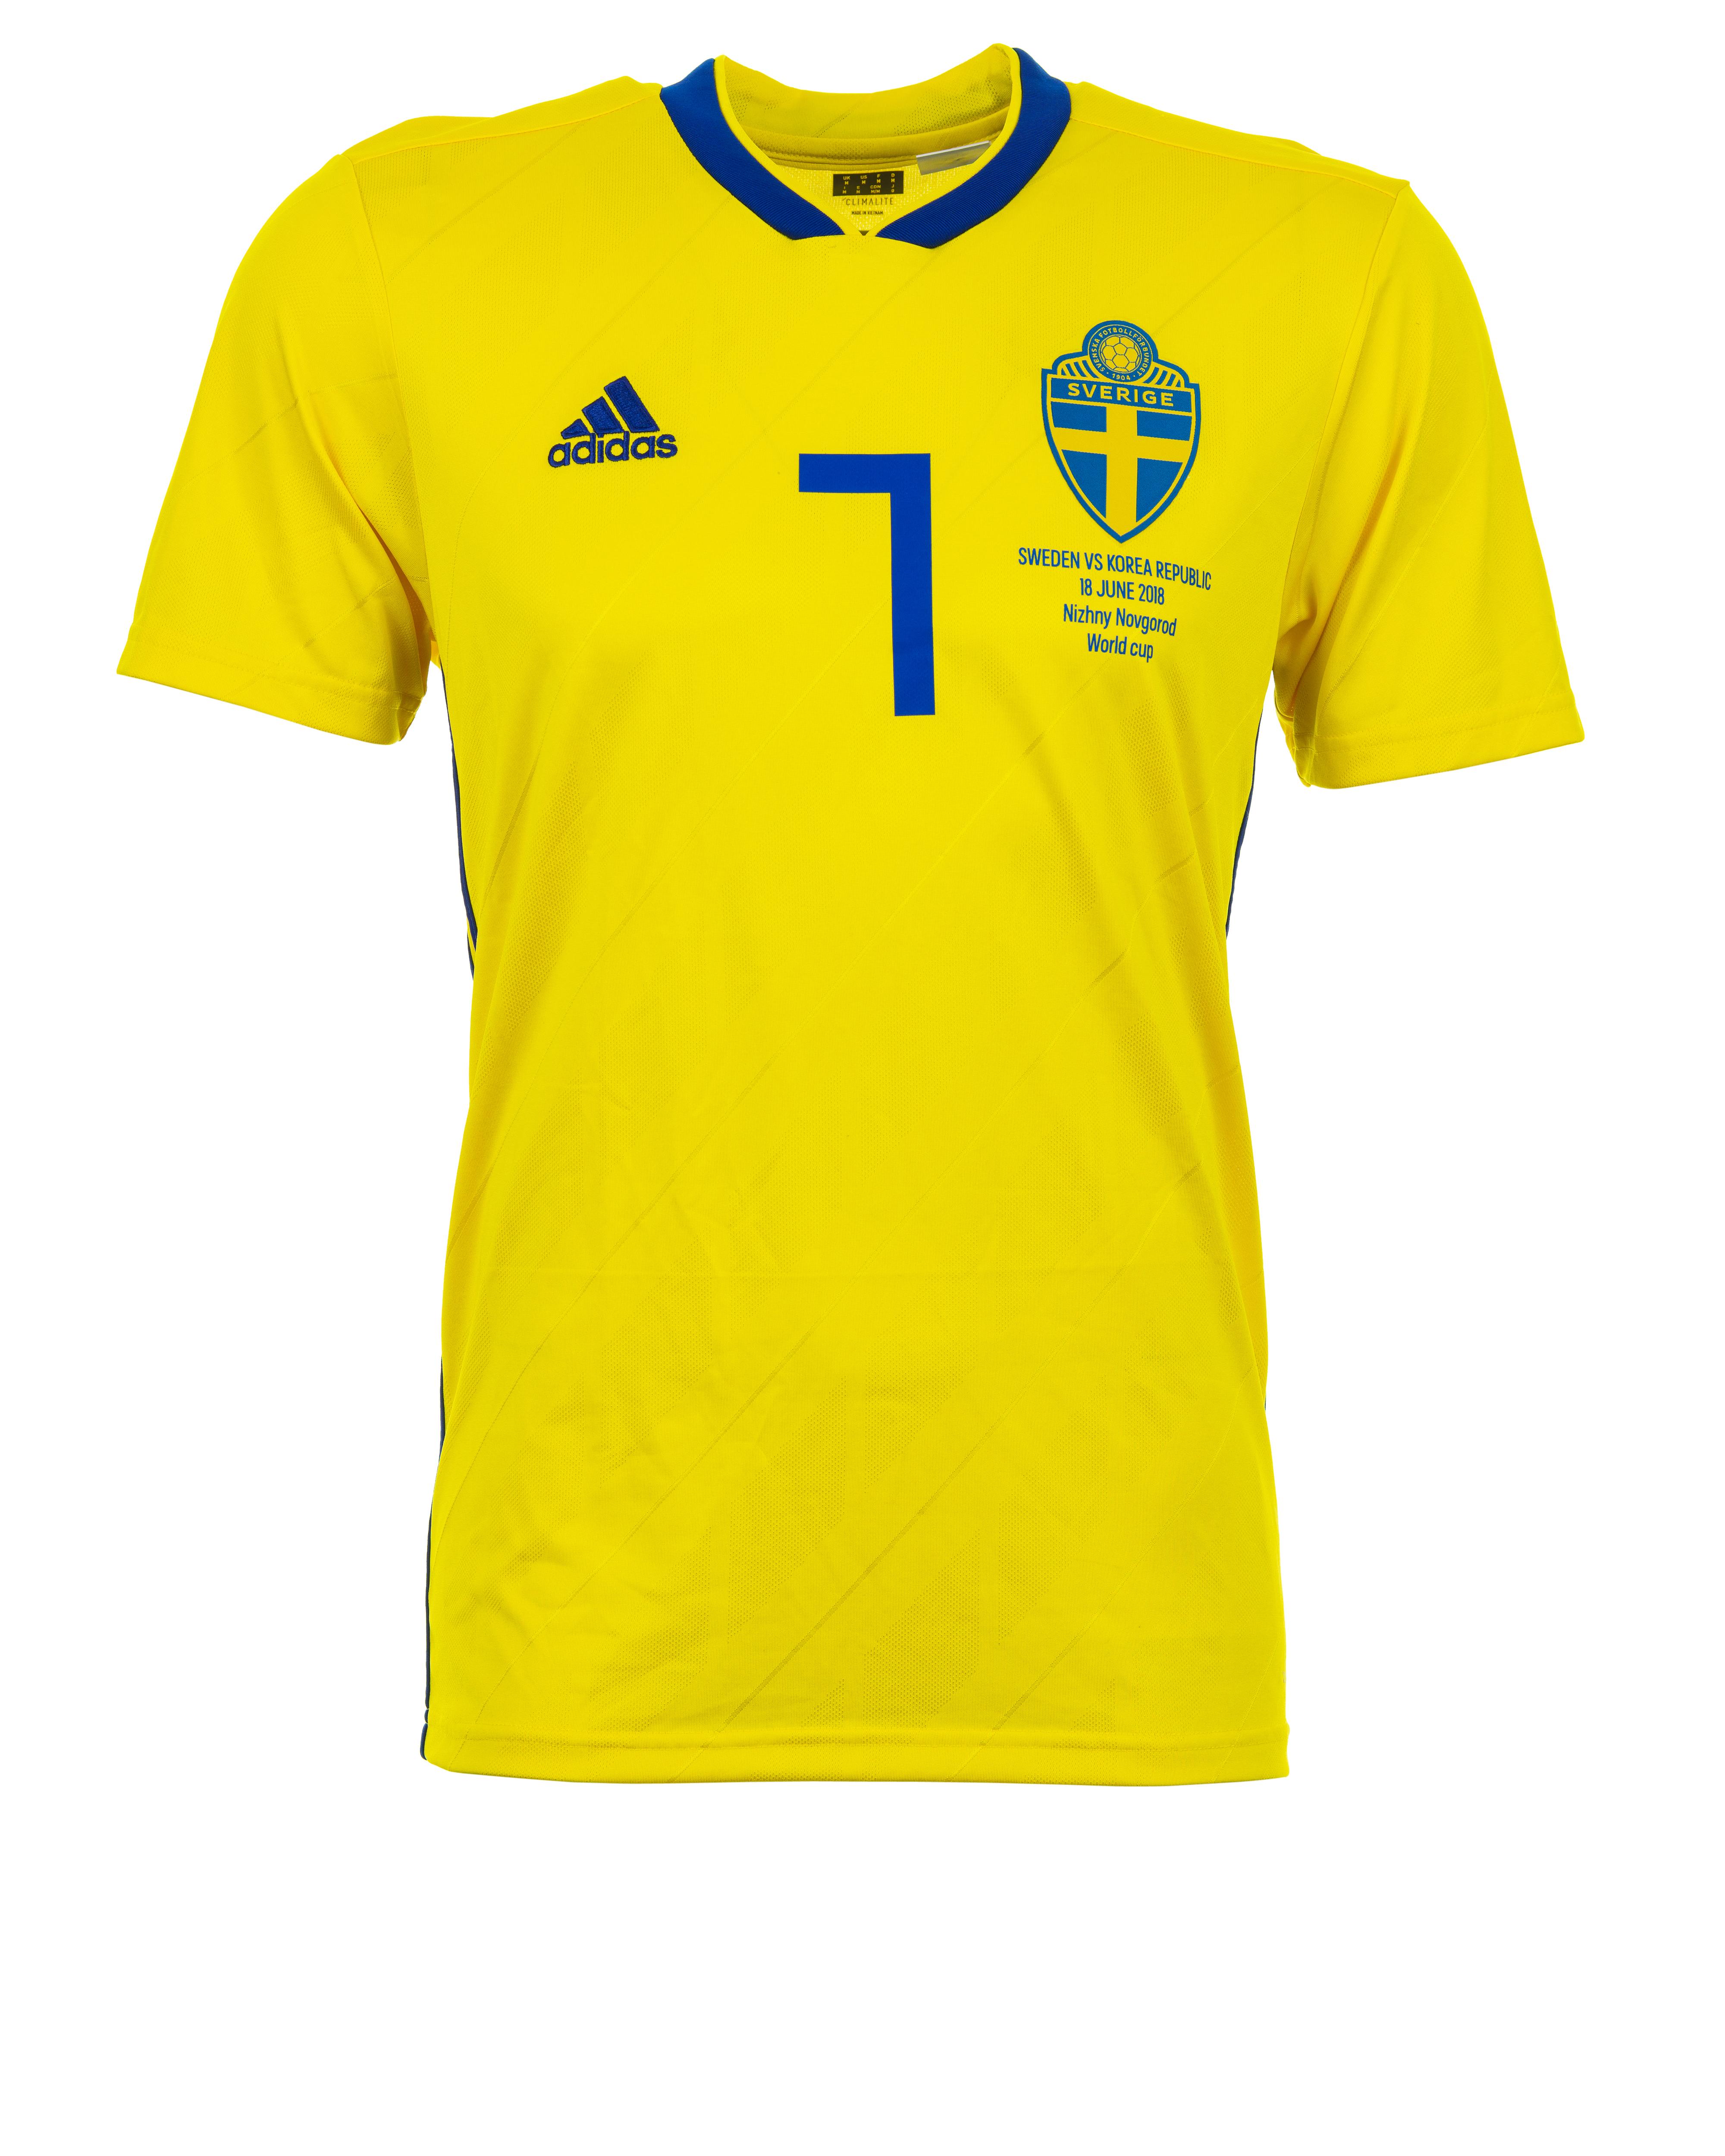 da0d8d9c27 Veja as camisas titulares das 32 seleções da Copa do Mundo 2018 ...